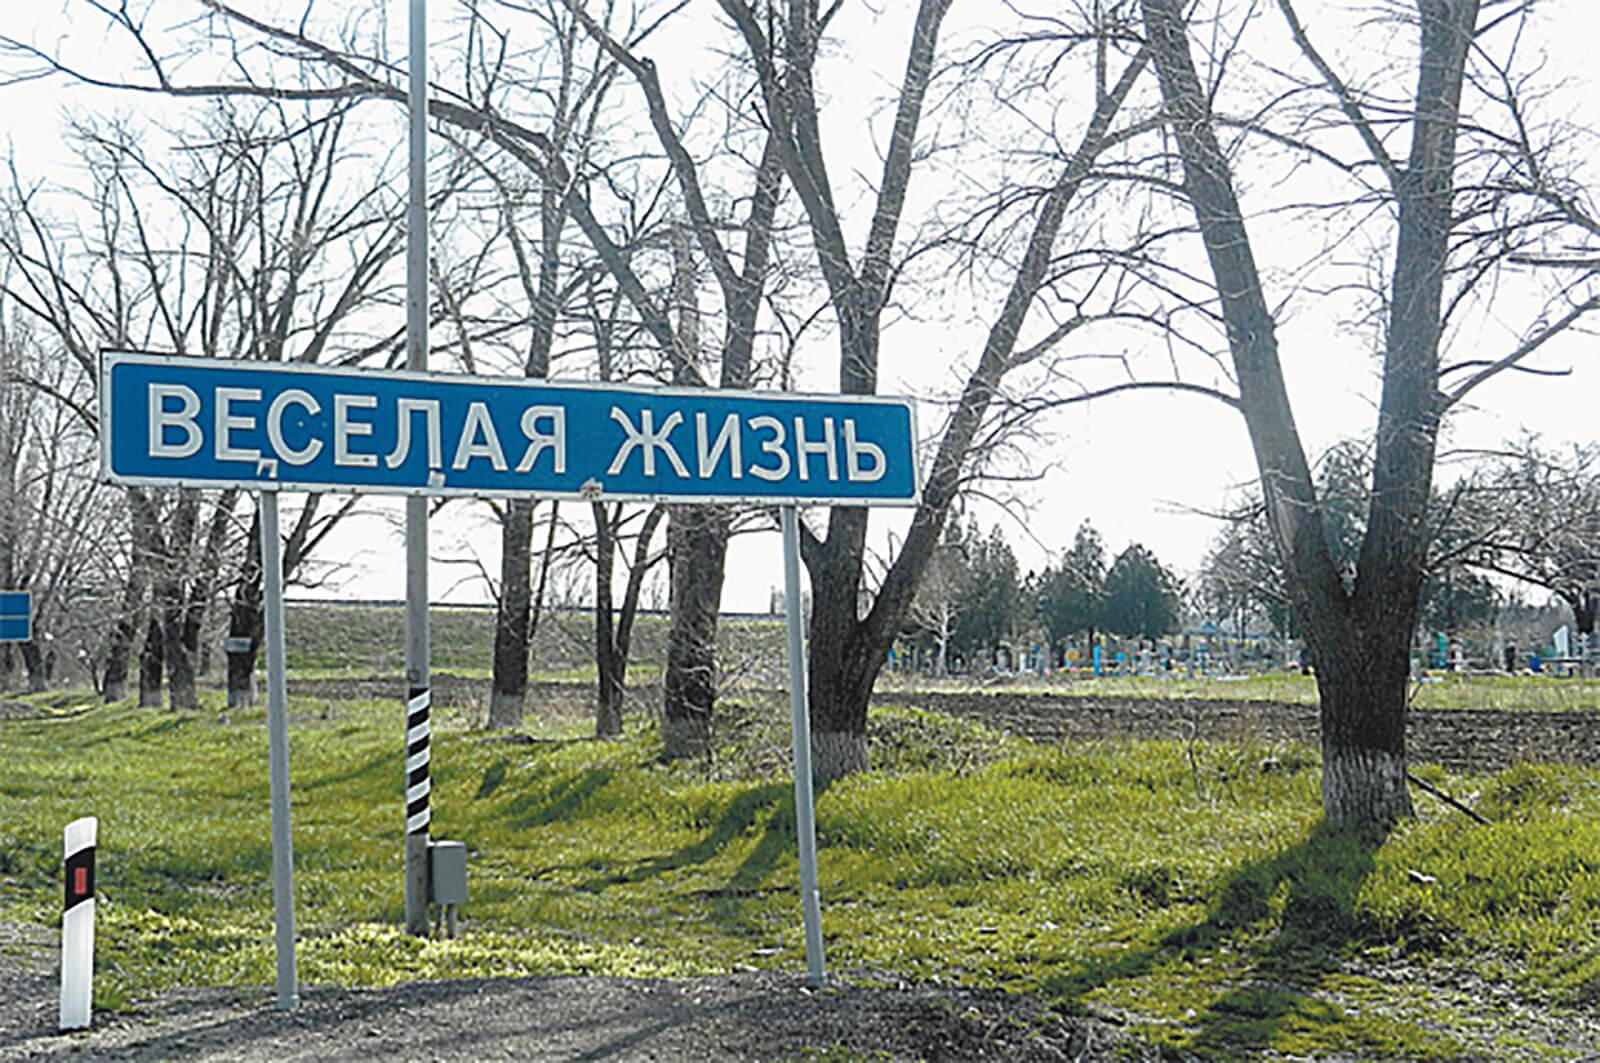 Картинки смешные названия населенных пунктов